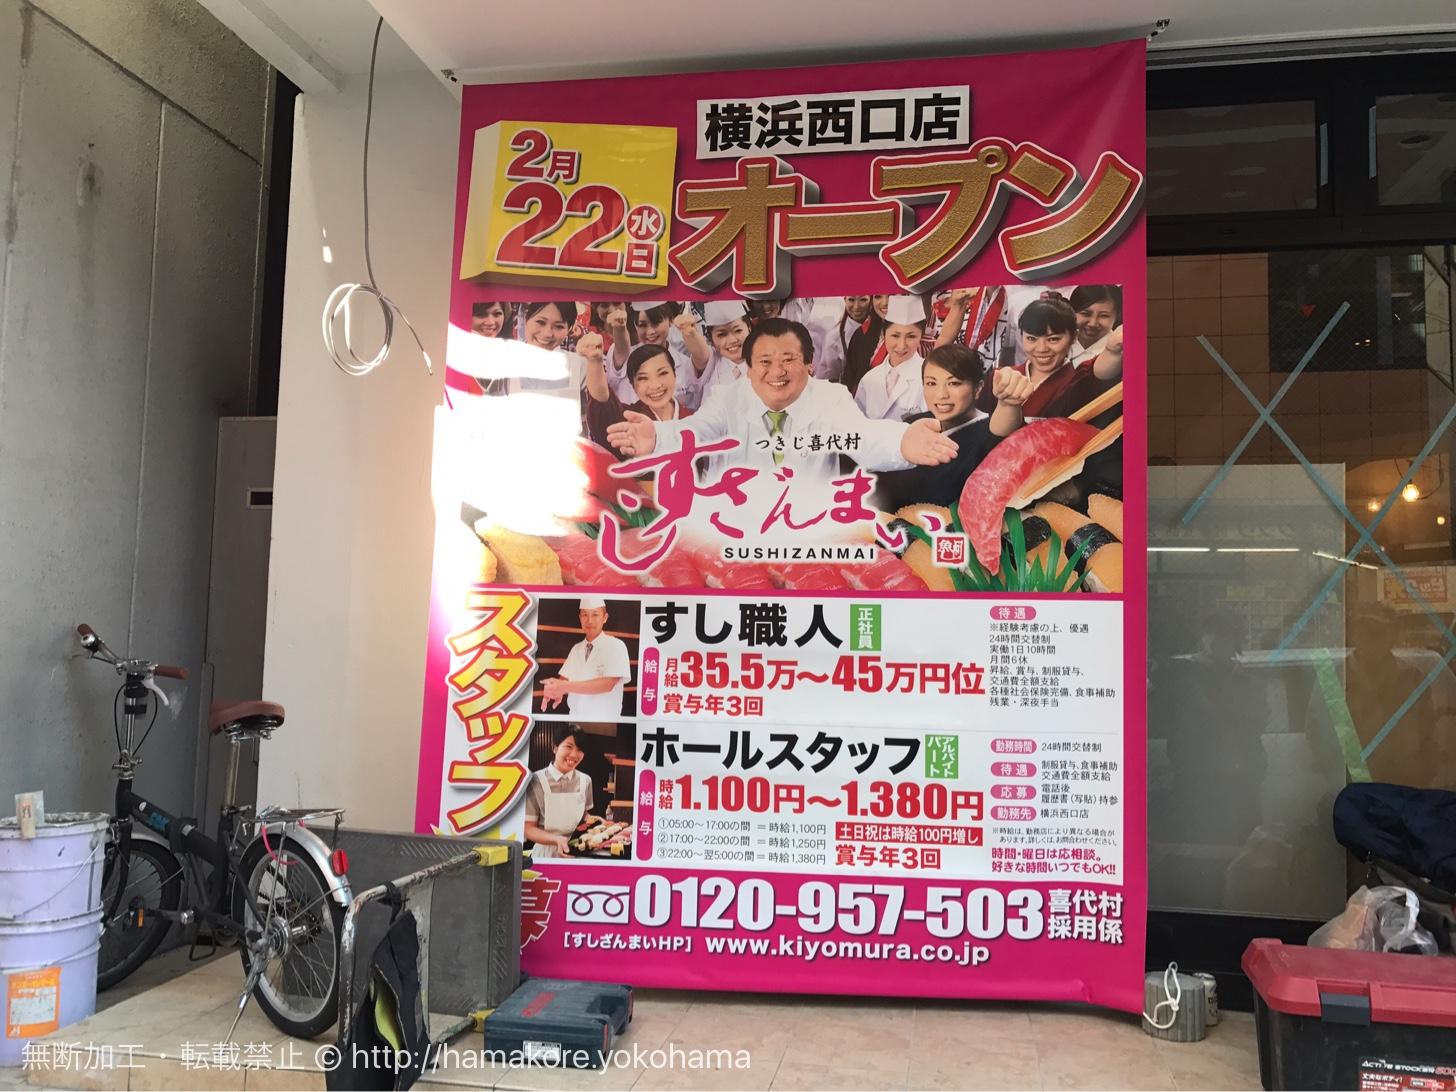 横浜駅西口に「すしざんまい」が2月22日オープン!ハックドラッグ跡地